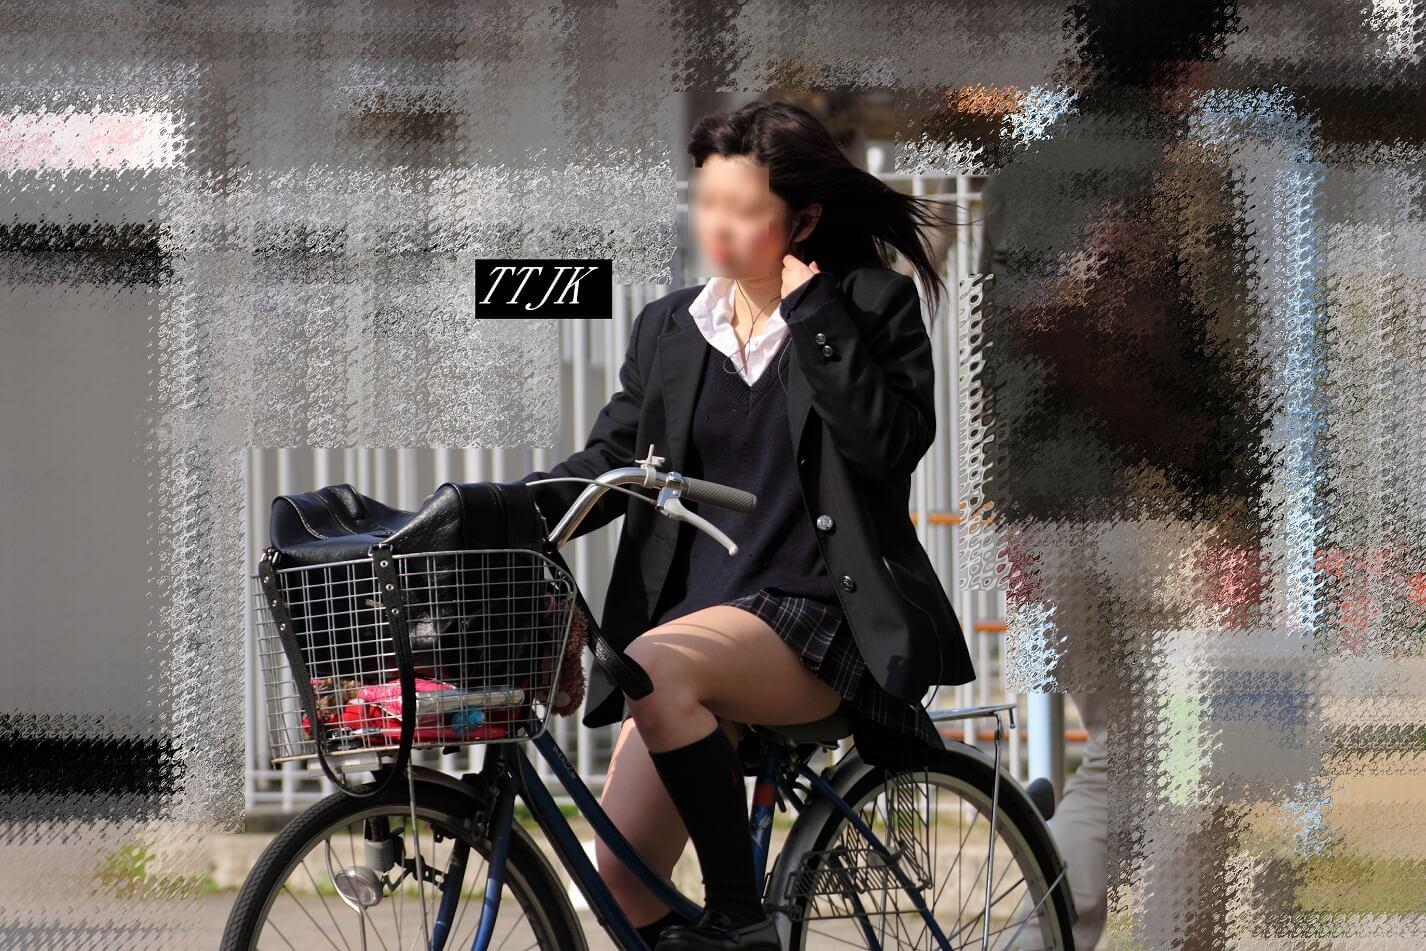 【画像】自転車に乗ったJKの後ろ尾行し良い匂い嗅ぎ奴